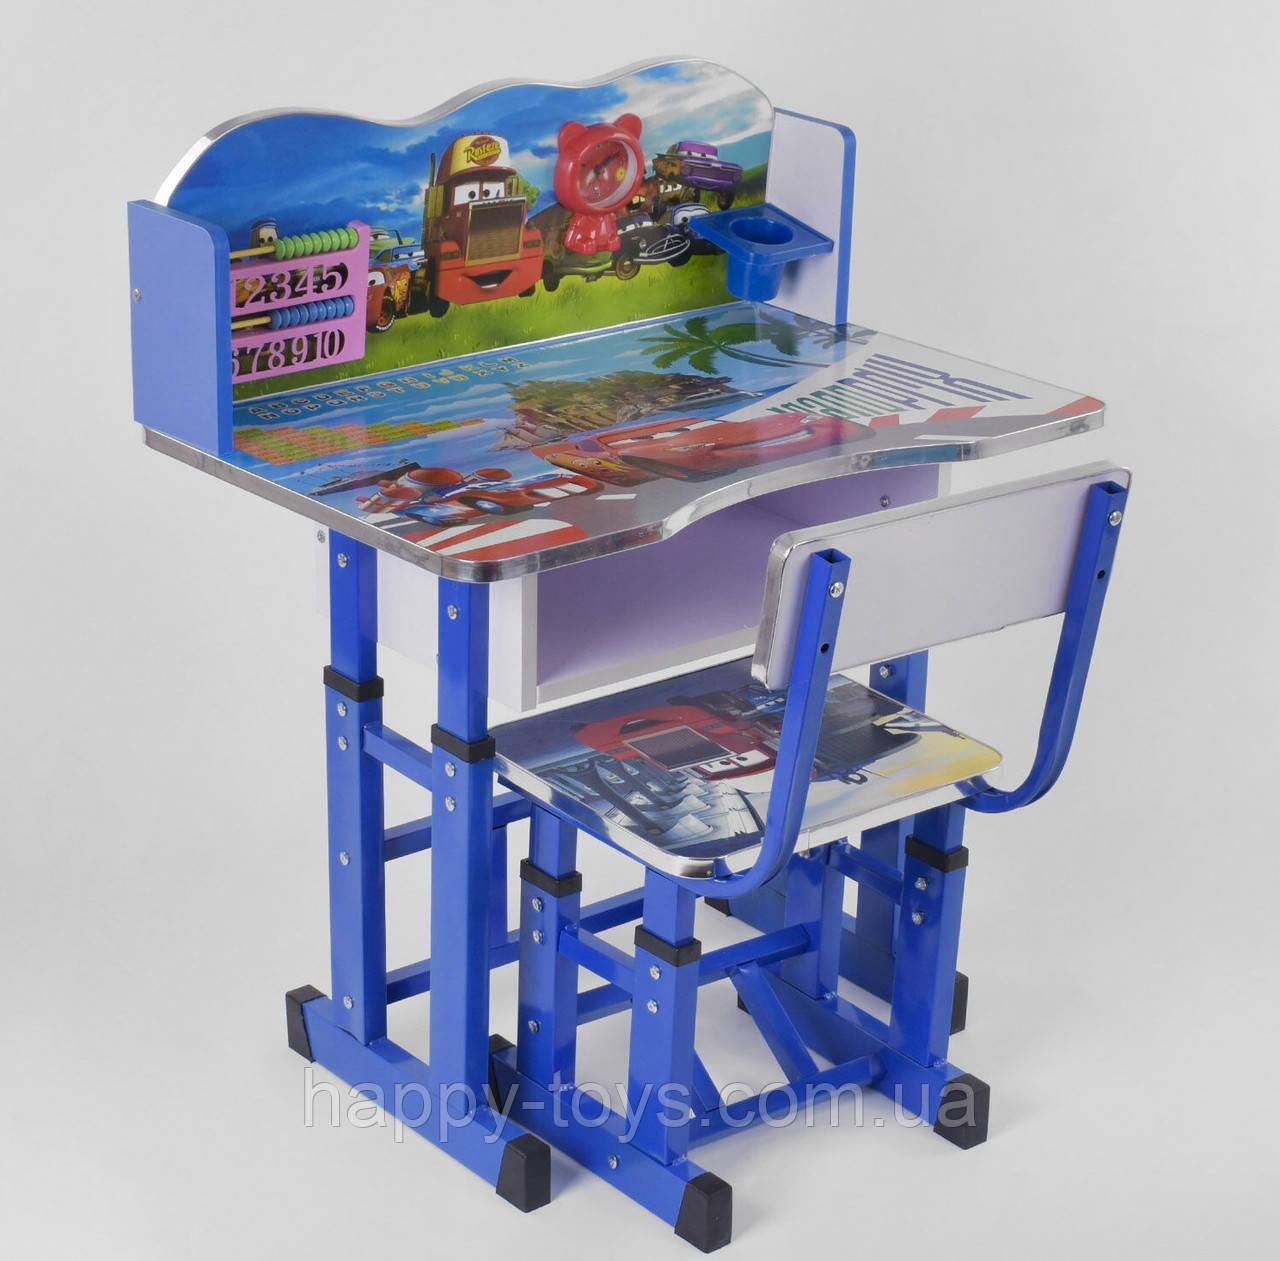 Школьная парта стол со стульчиком Тачки с регулировкой высоты, парта школьная для дома B 10555